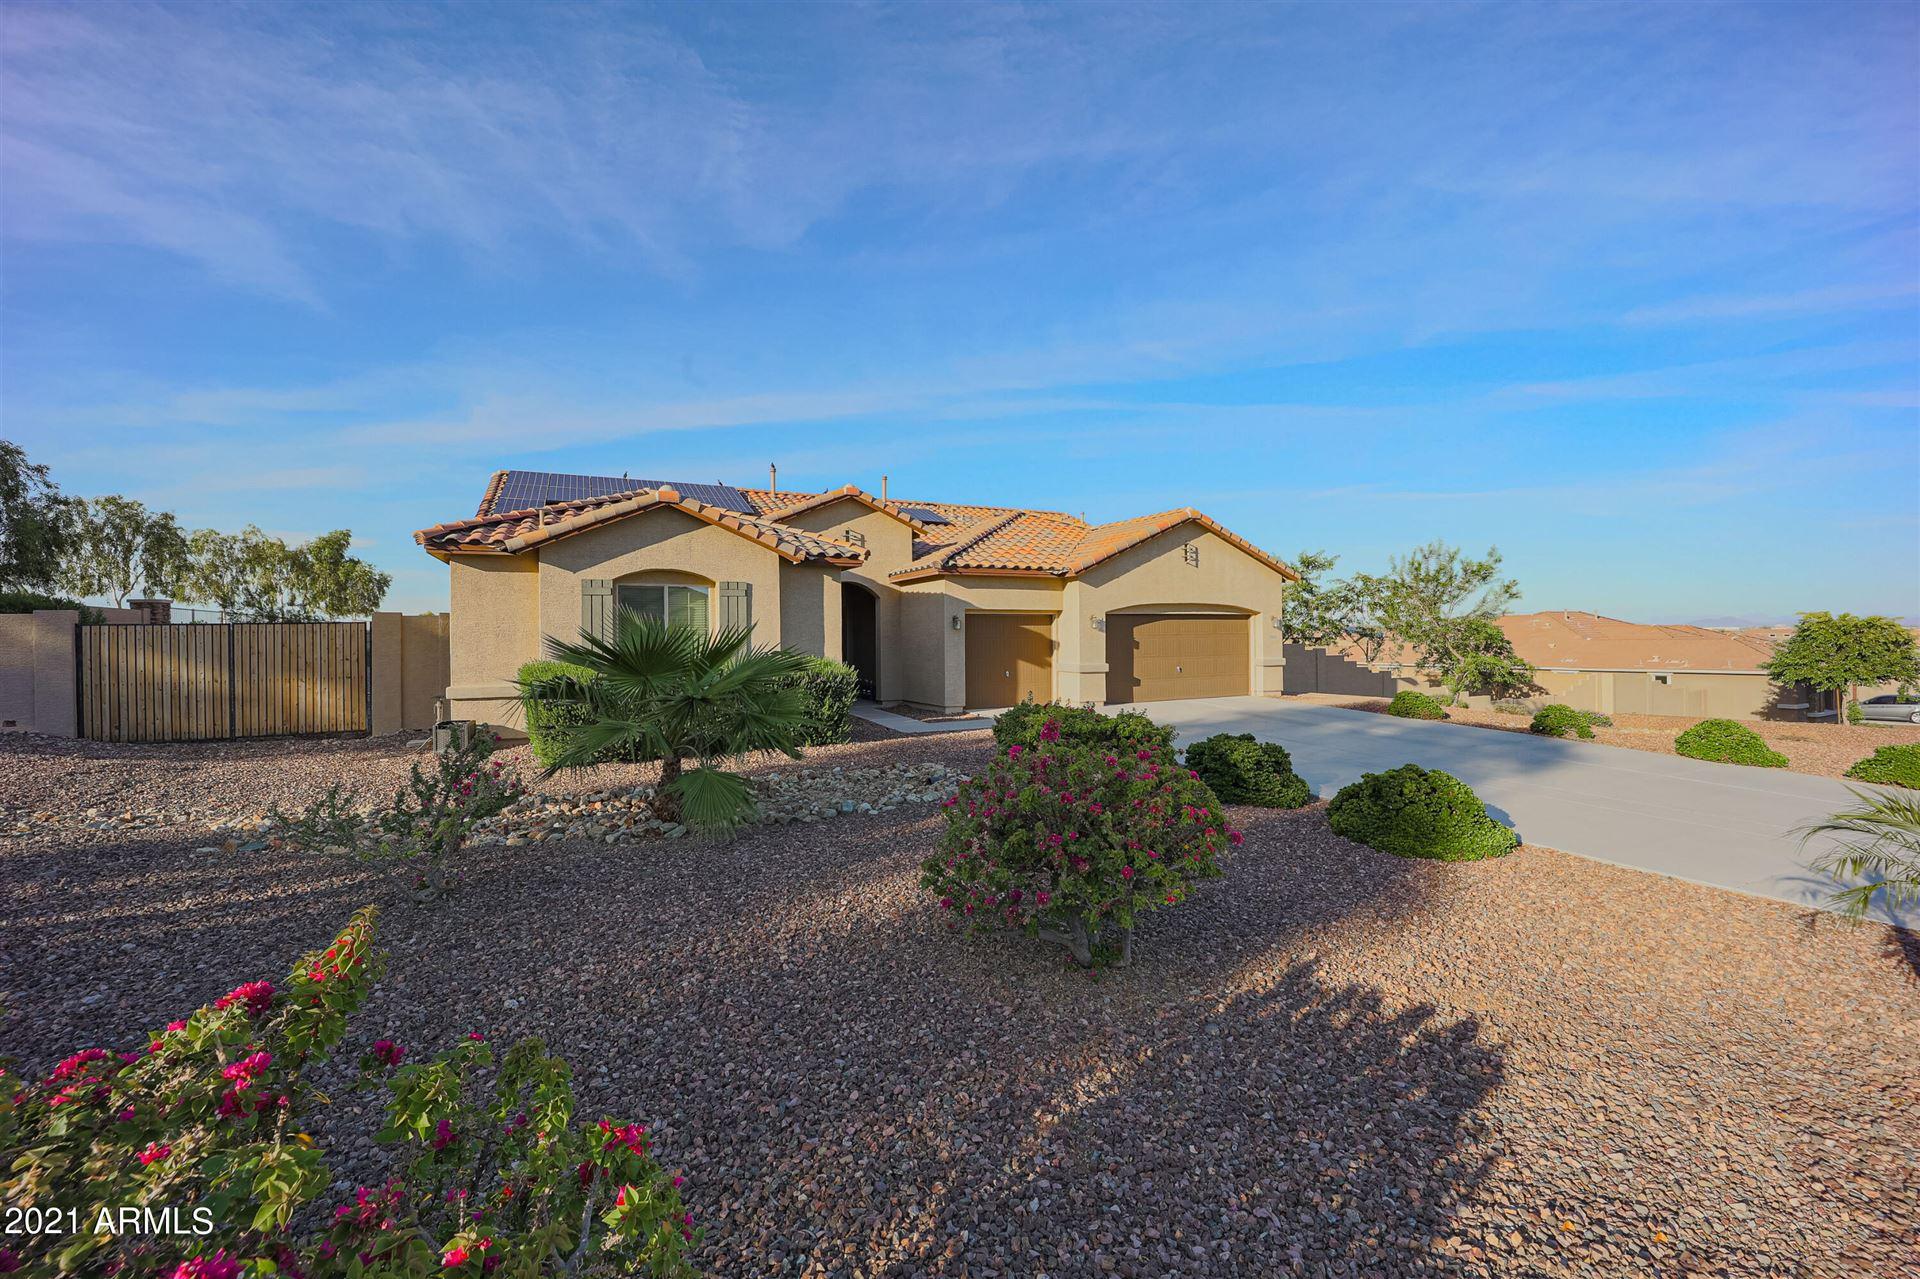 Photo of 12822 W Keim Drive, Litchfield Park, AZ 85340 (MLS # 6304430)